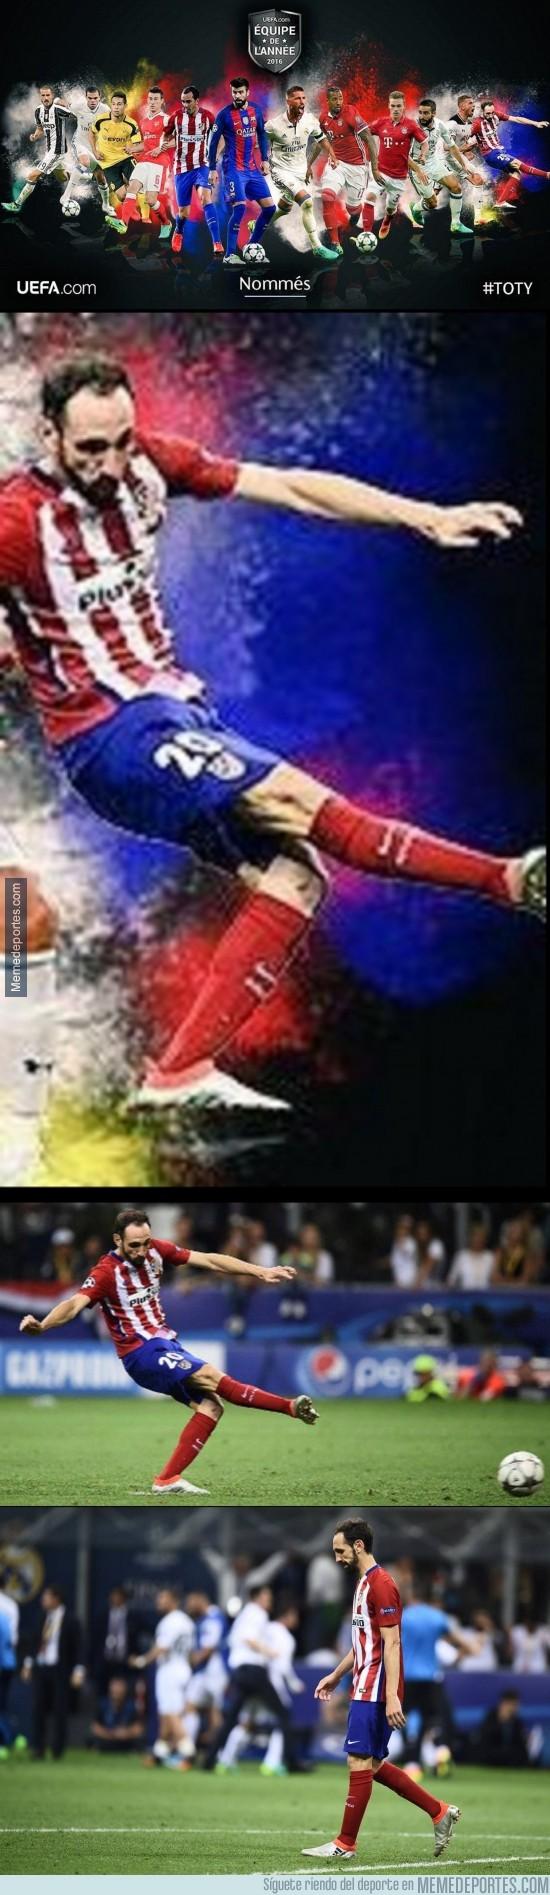 926442 - Lo que le ha hecho la UEFA a Juanfran es de ser unos higos de fruta